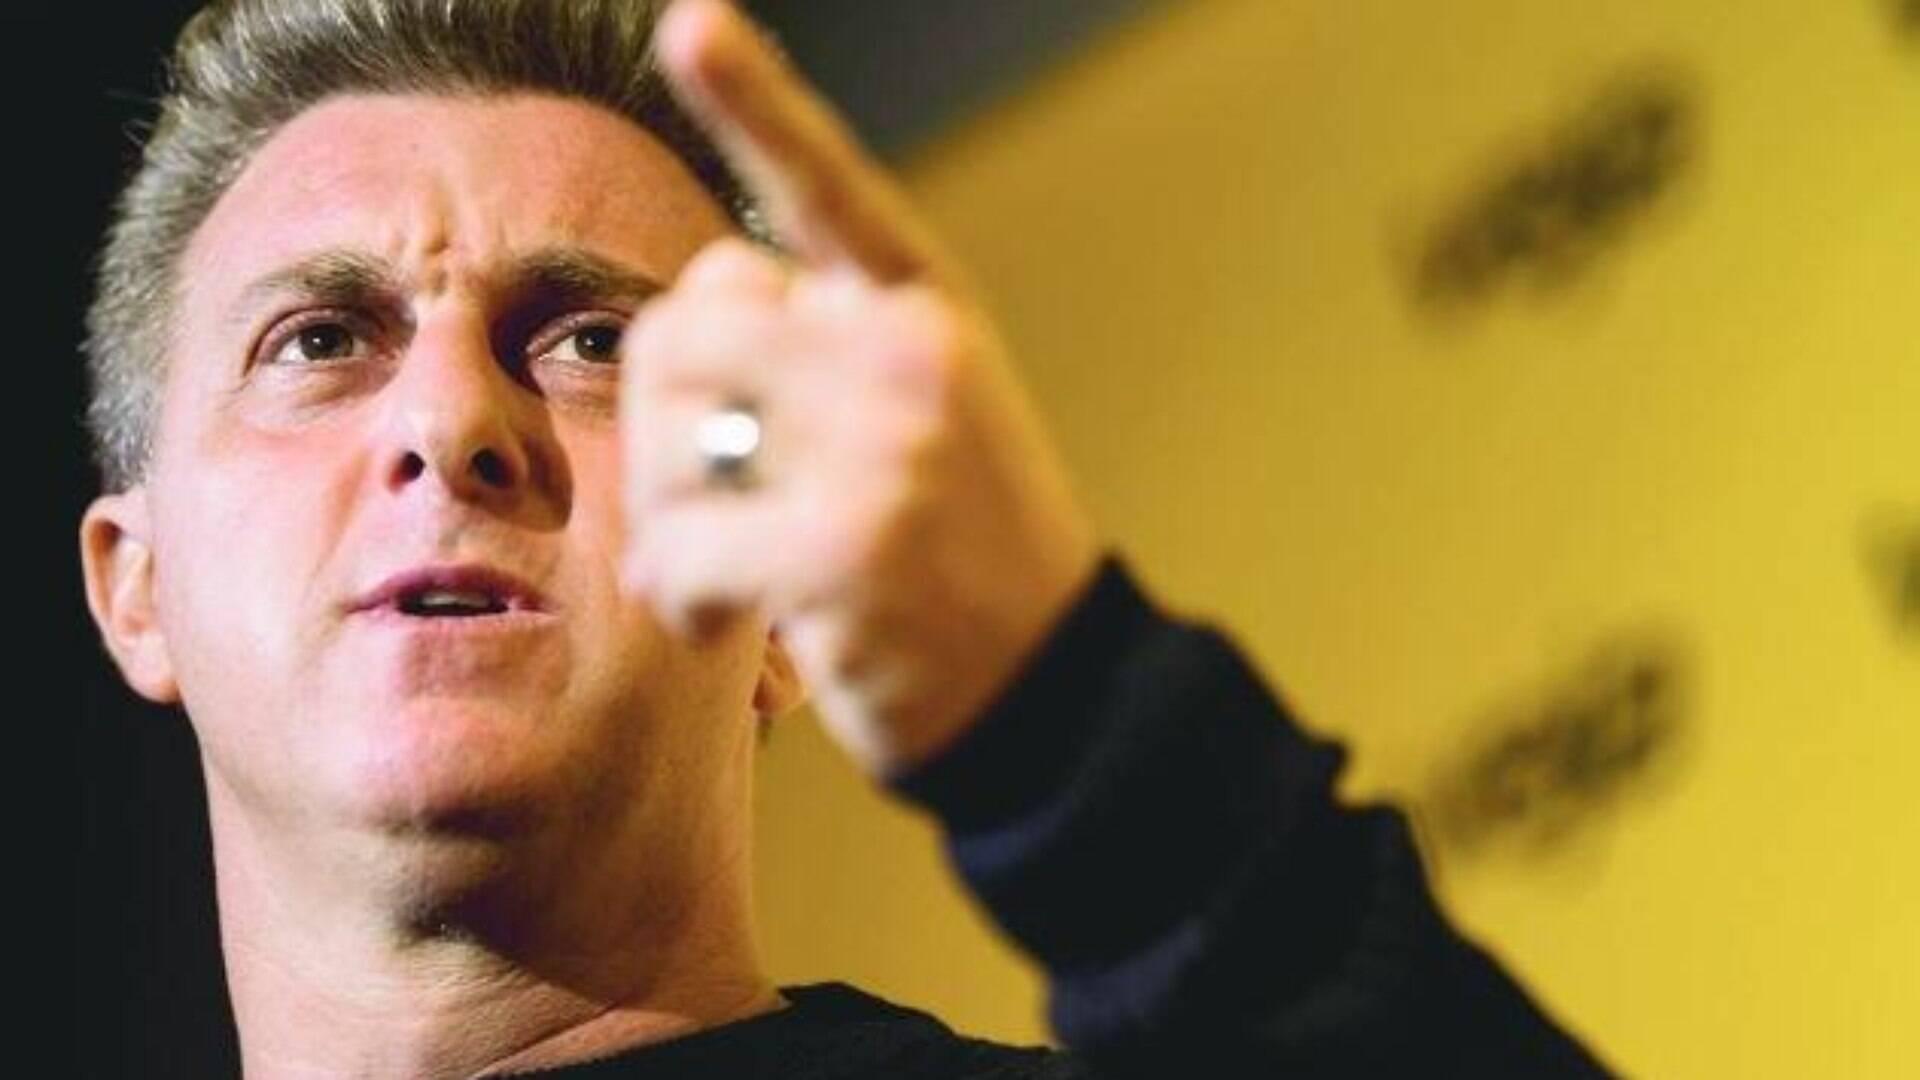 Luciano Huck gera polêmica ao defender prisão após 2ª instância - Política - iG